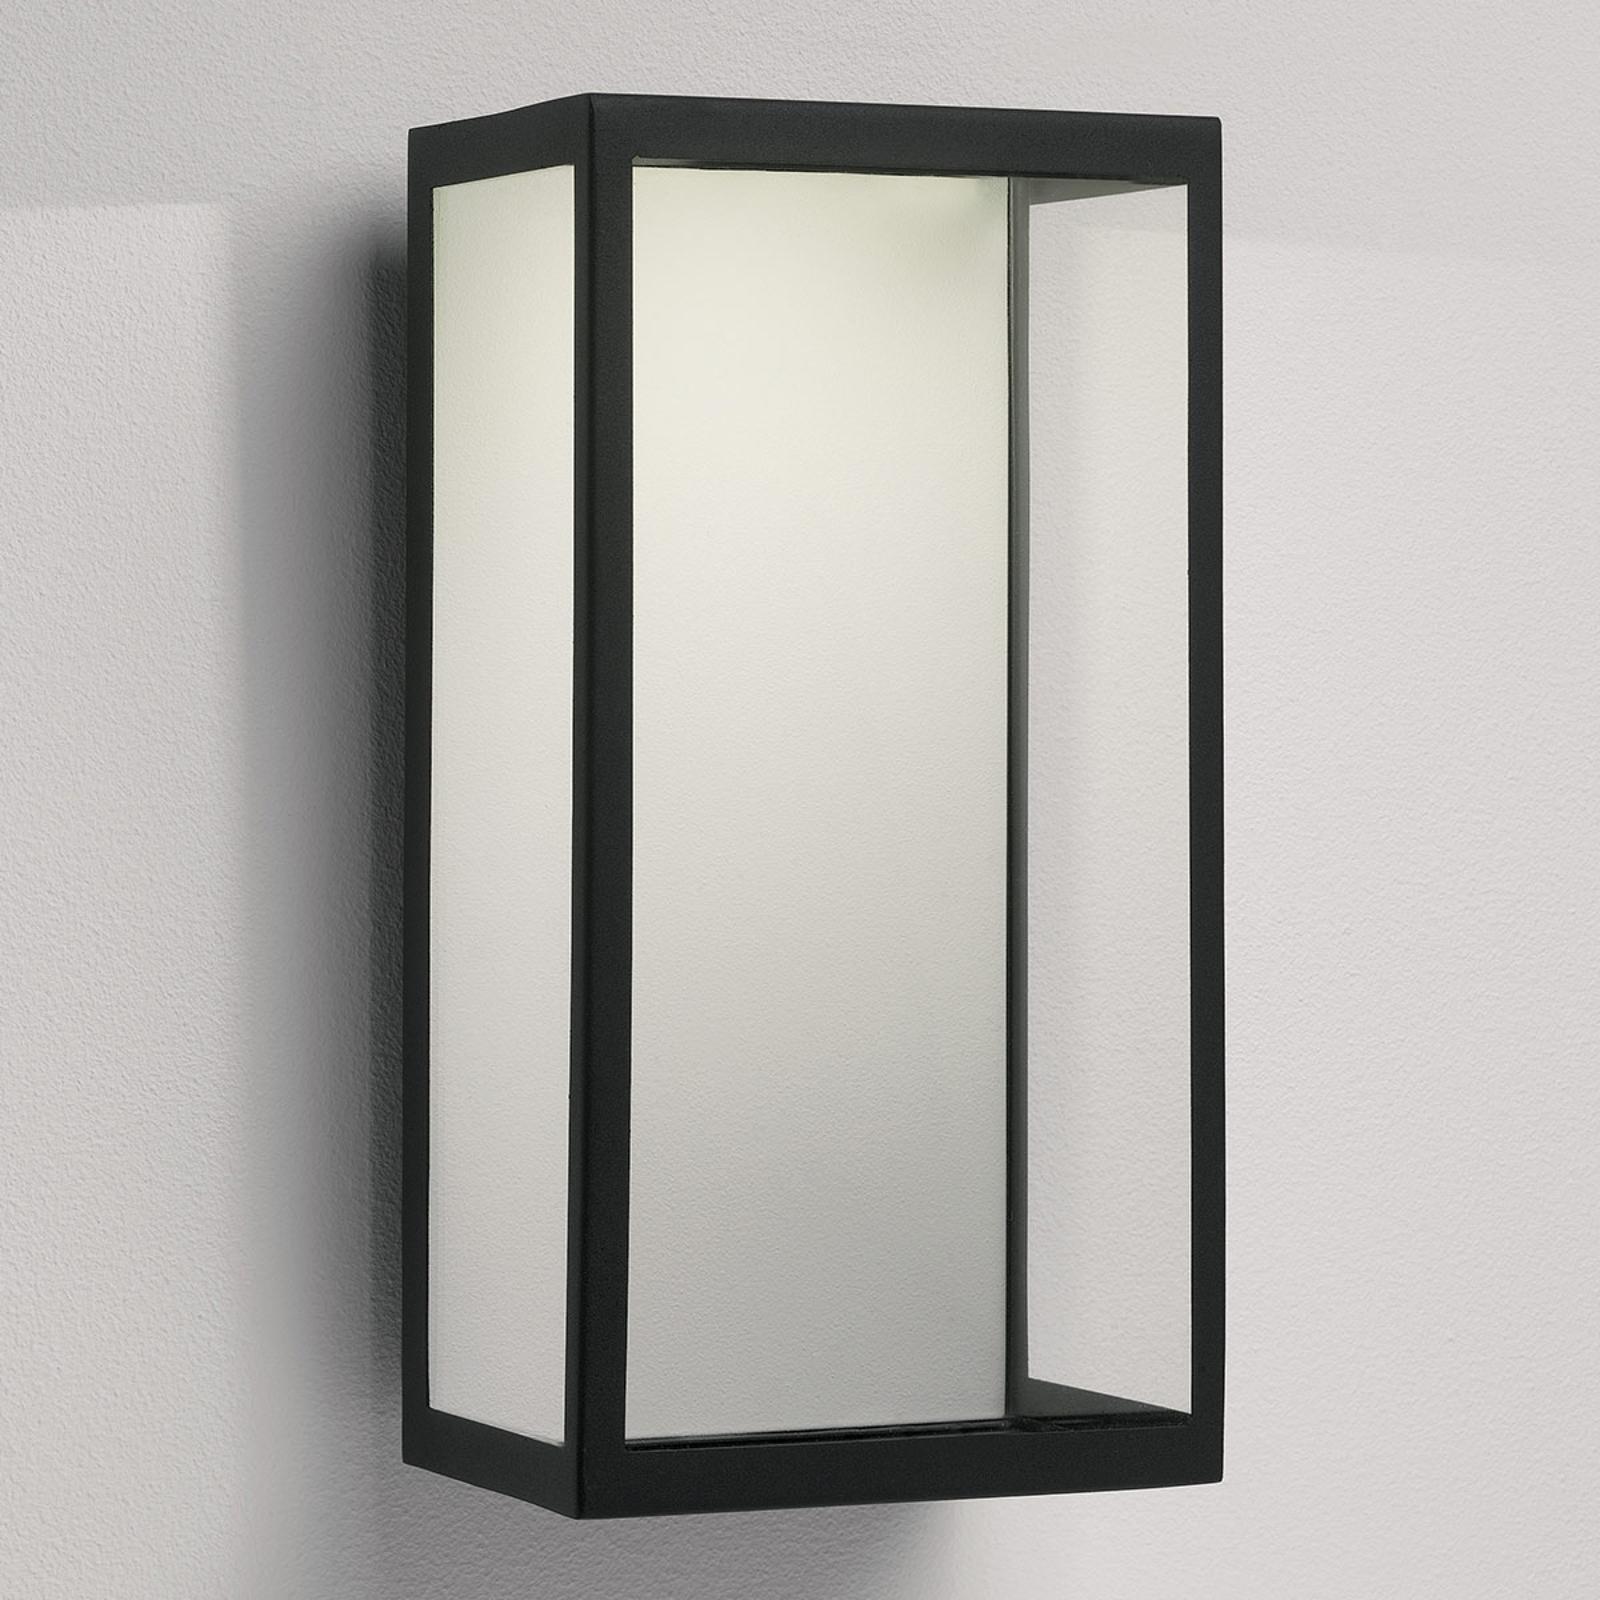 LED-ulkoseinävalaisin Puzzle musta